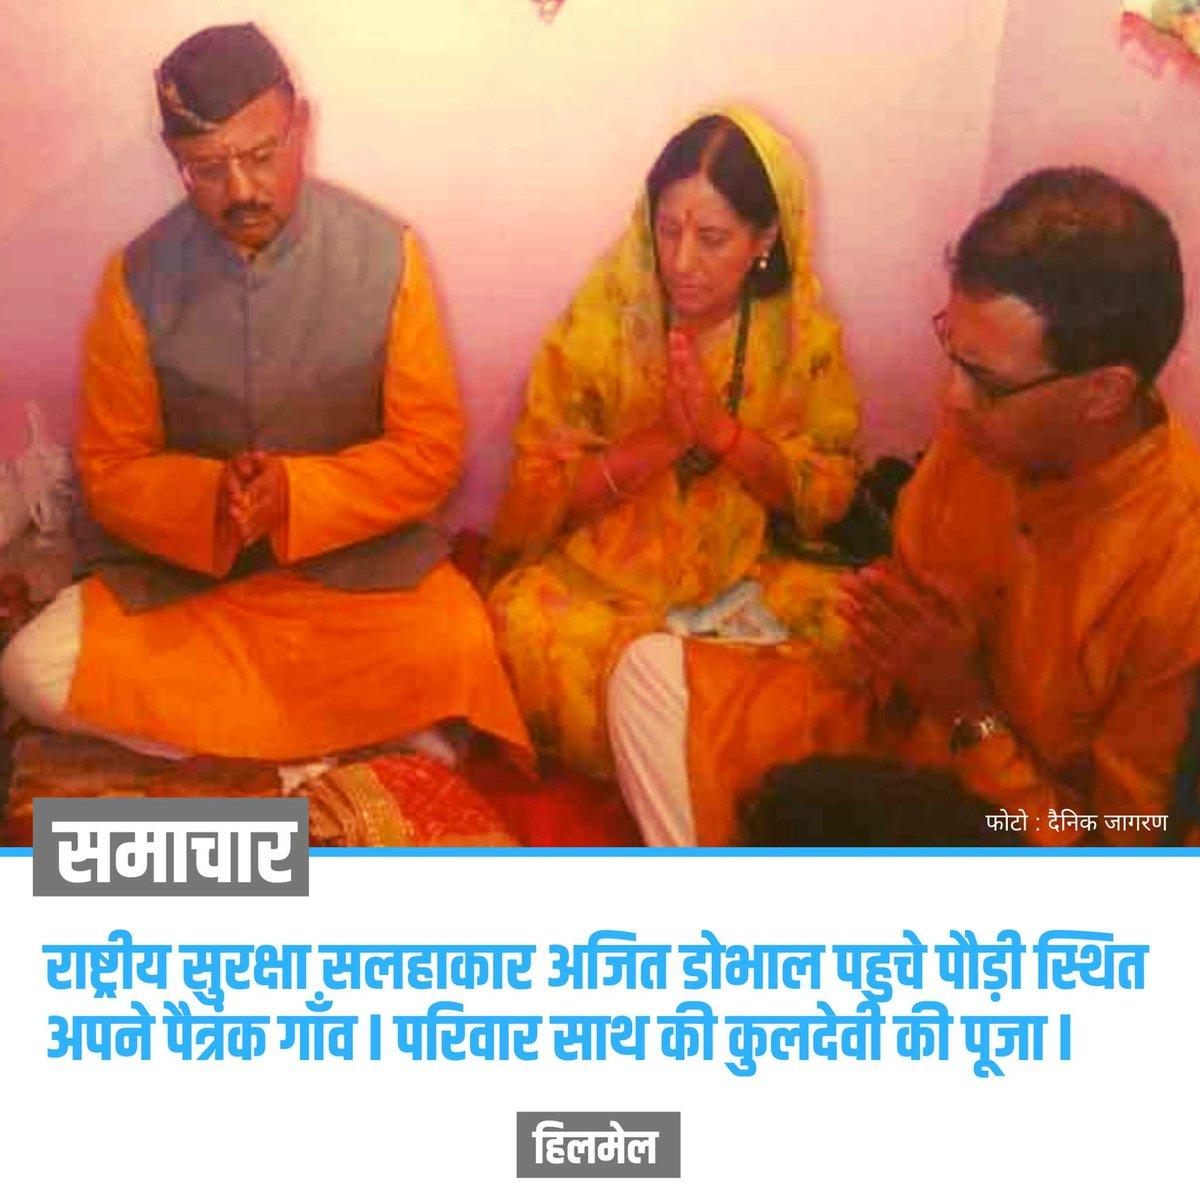 #समाचार I परिवार साथ एनएसए अजित डोभाल अपने पैत्रक गाँव घिरी बनेयालसु पाच साल बाद पहुचे I ग्रामीणों में उत्साह देखते ही बन रहा था I उन्हें सभी सरकारी प्रोटोकॉल से इंकार कर एक साधारण व्यक्ति की तरेह अपने गाँव में समय बिताया I #NSAAjitDoval #PauriGarhwal #Hills #Uttarakhand